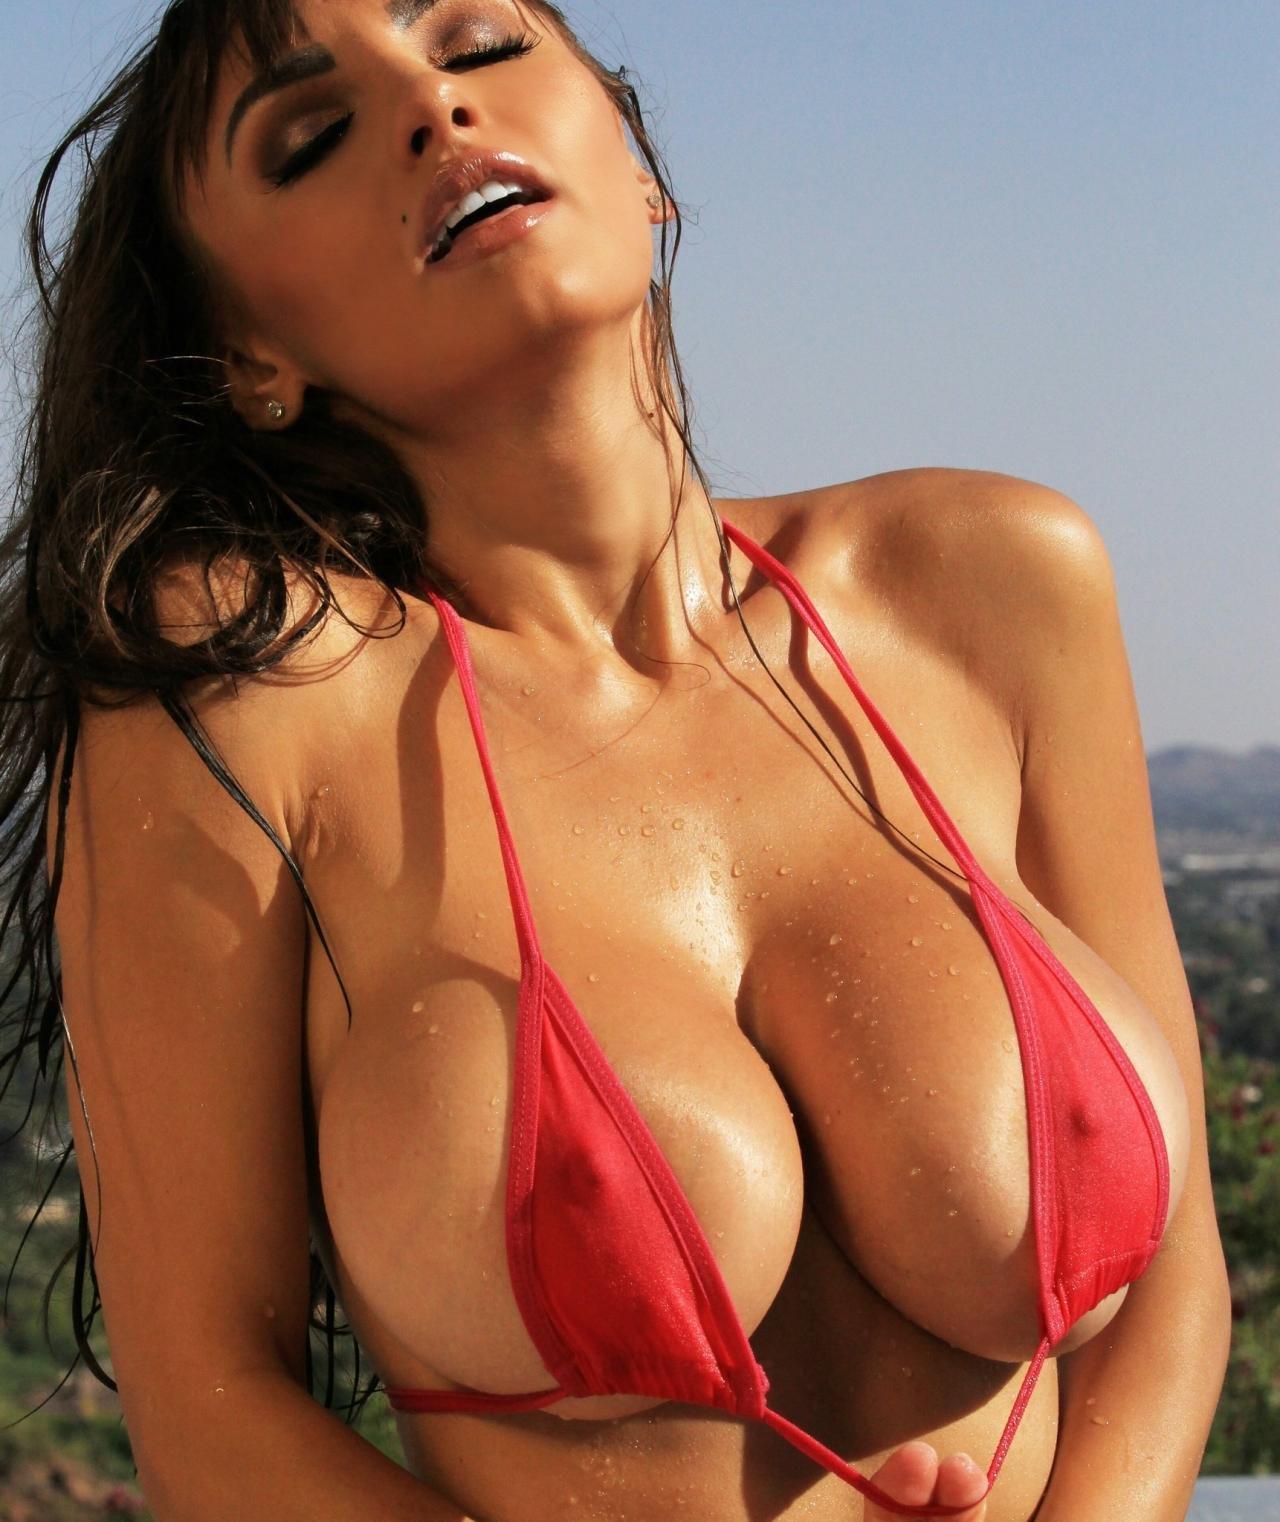 Фигуристые эро-модели показывают голую грудь  410185